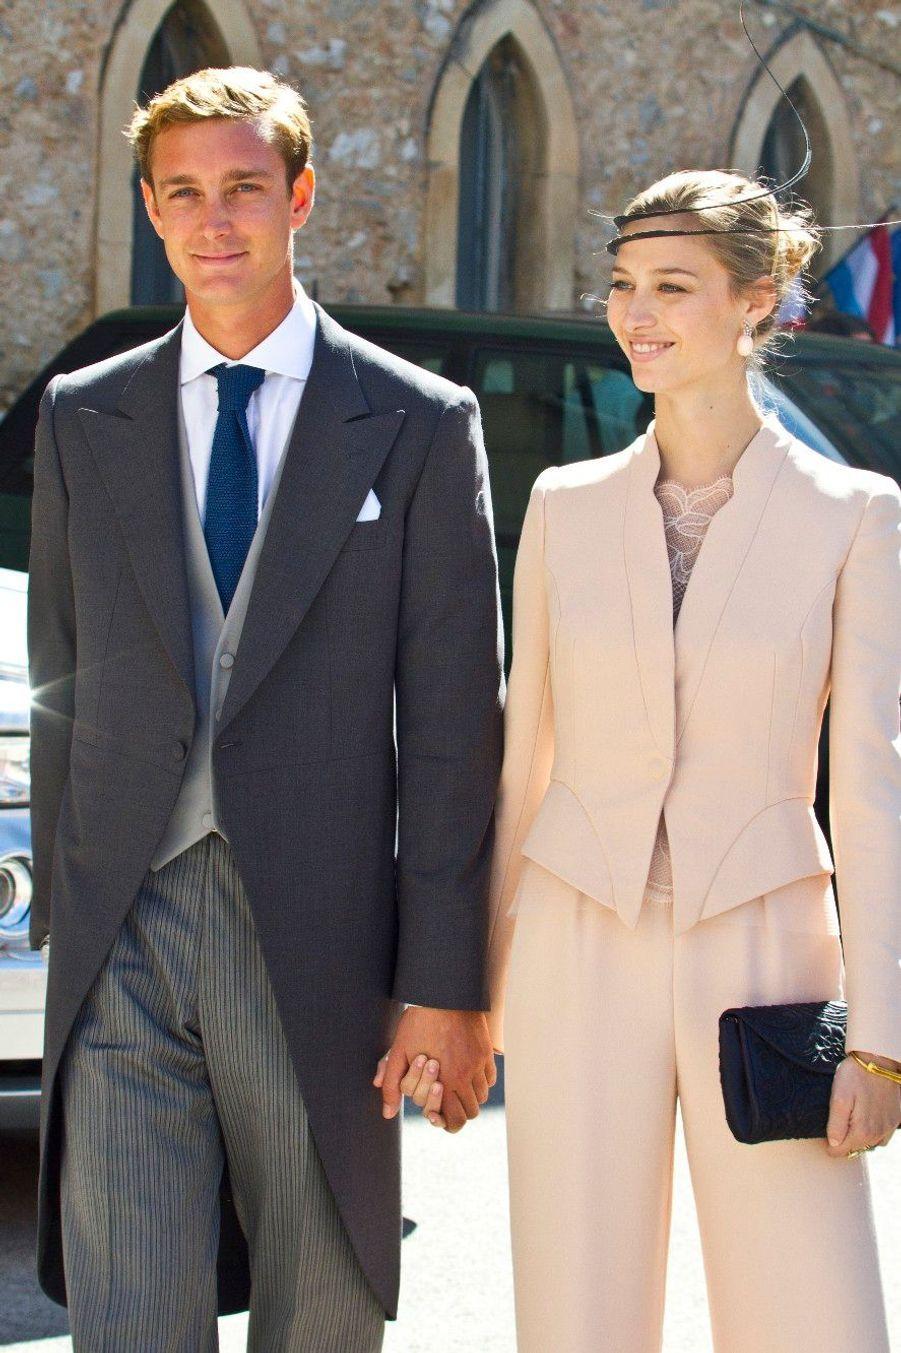 Mariage du Prince Felix de Luxembourg et Claire Lademacher, en septembre 2013 à Saint-Maximin-La-Sainte-Baume dans le Var